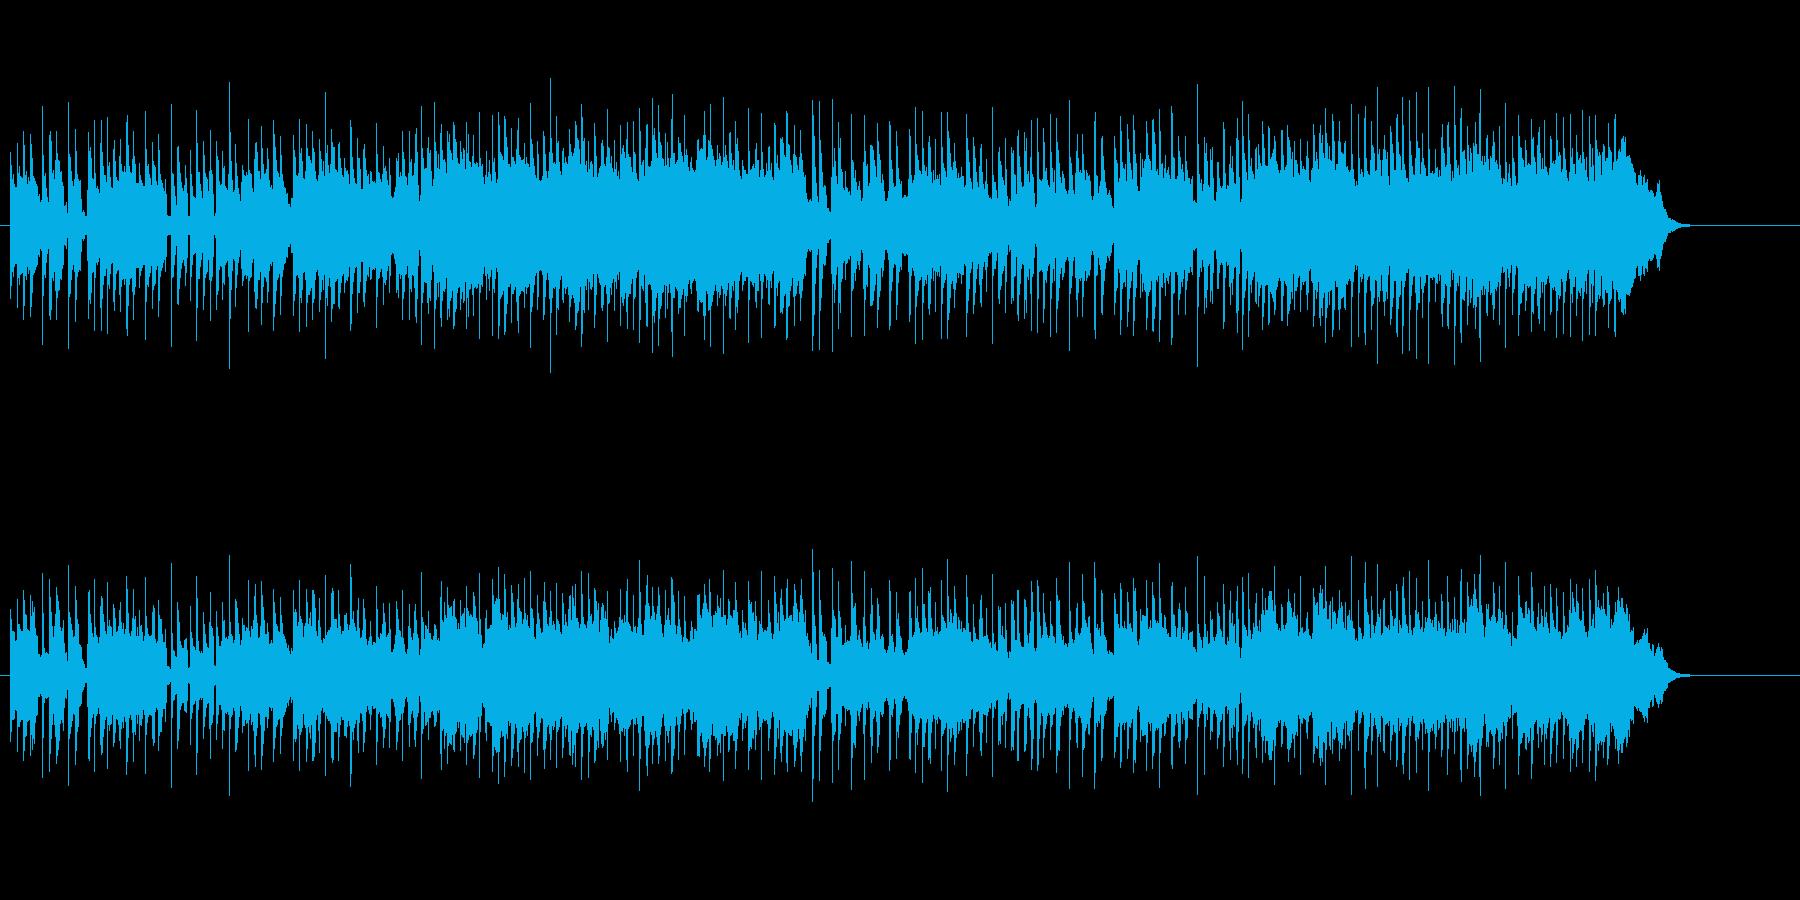 キャッチーで軽快なニューミュージックの再生済みの波形